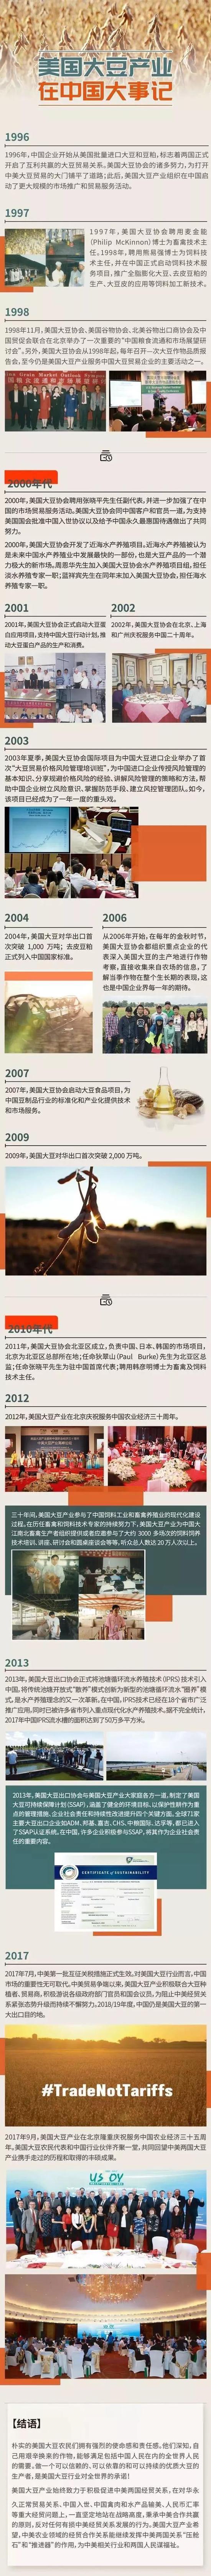 """用户登录吉祥彩,死不悔改 台""""驻日代表""""仍称大陆救援车是假消息"""